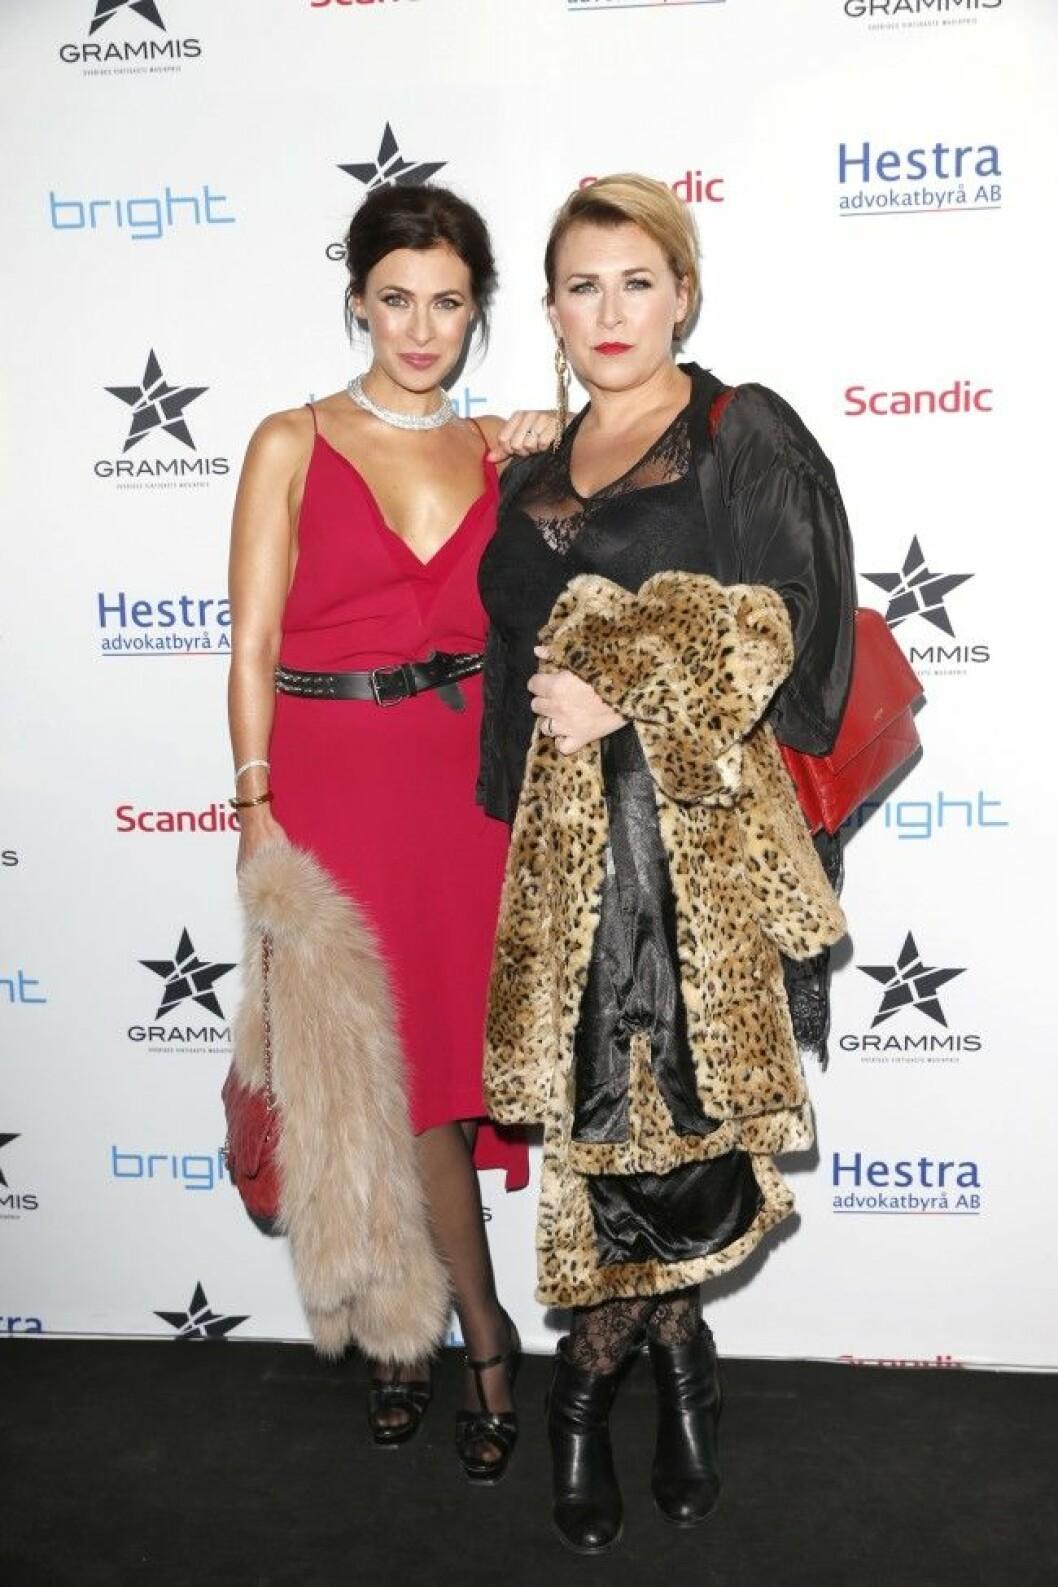 Grammis 2015 Systrarna Amanda Schulman och Hanna Widell som ligger bakom Perfect day som hade arrangerat Grammisgalan